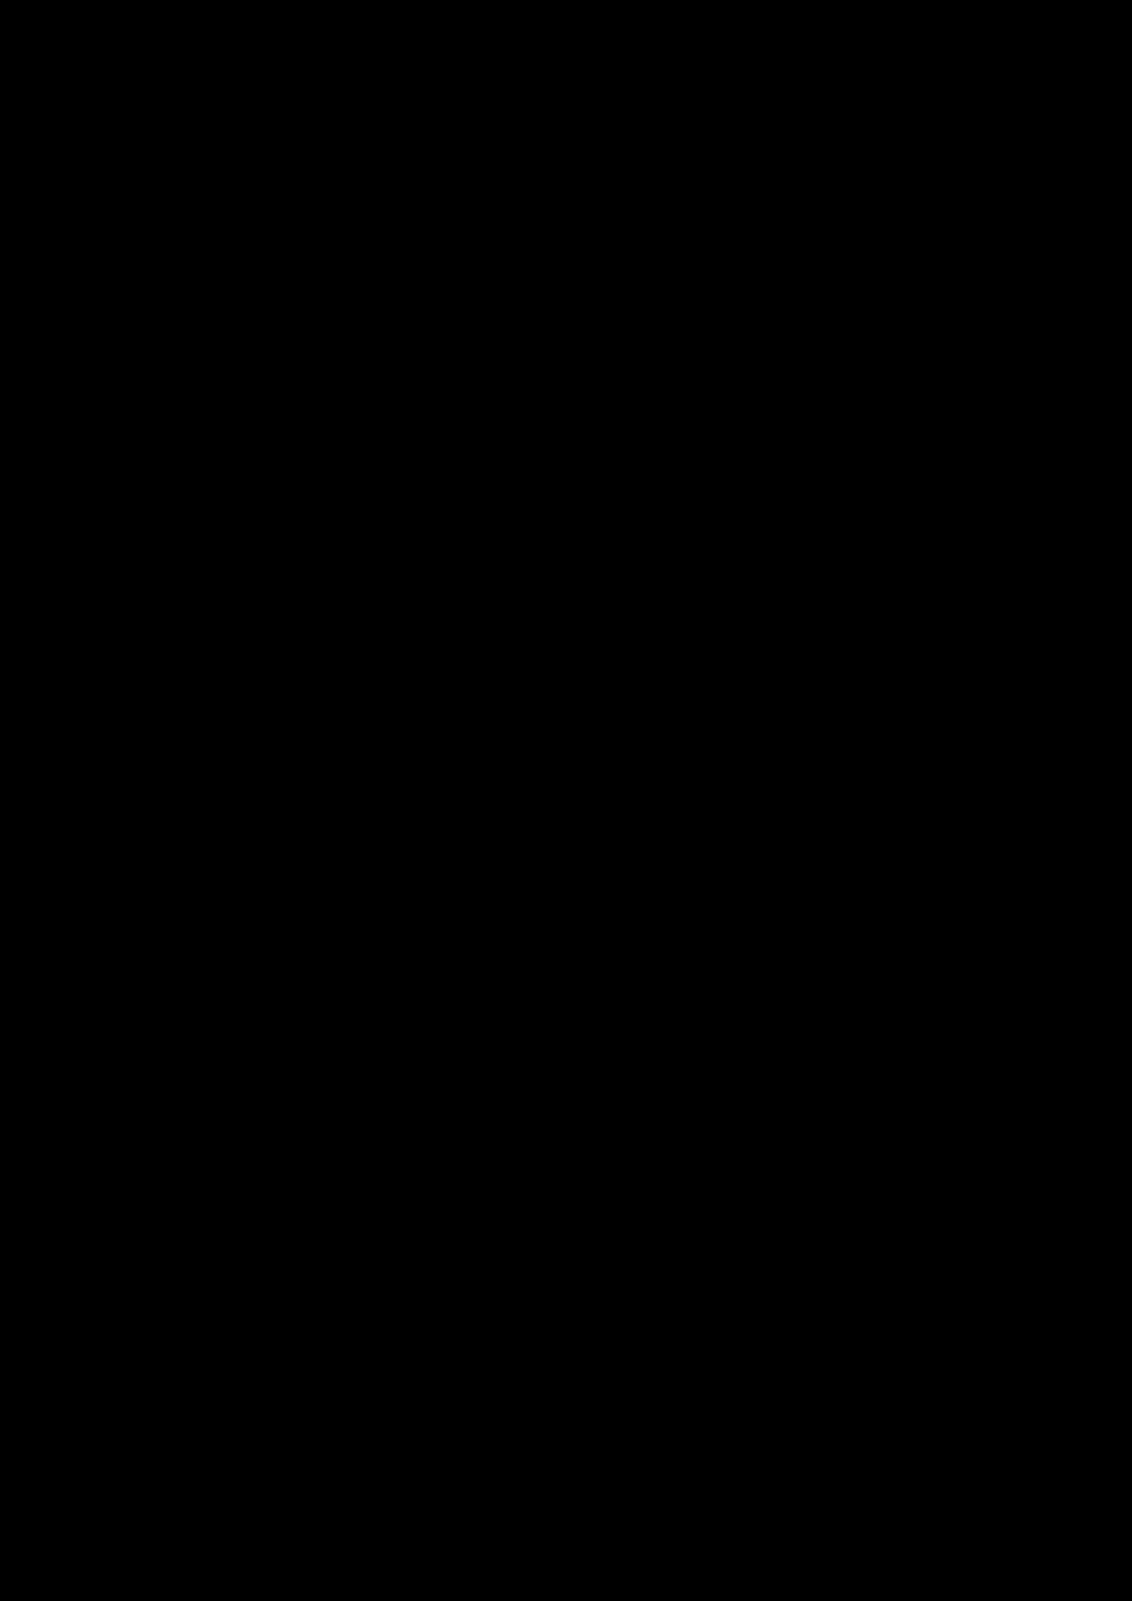 Zagadka volshebnoy stranyi slide, Image 156